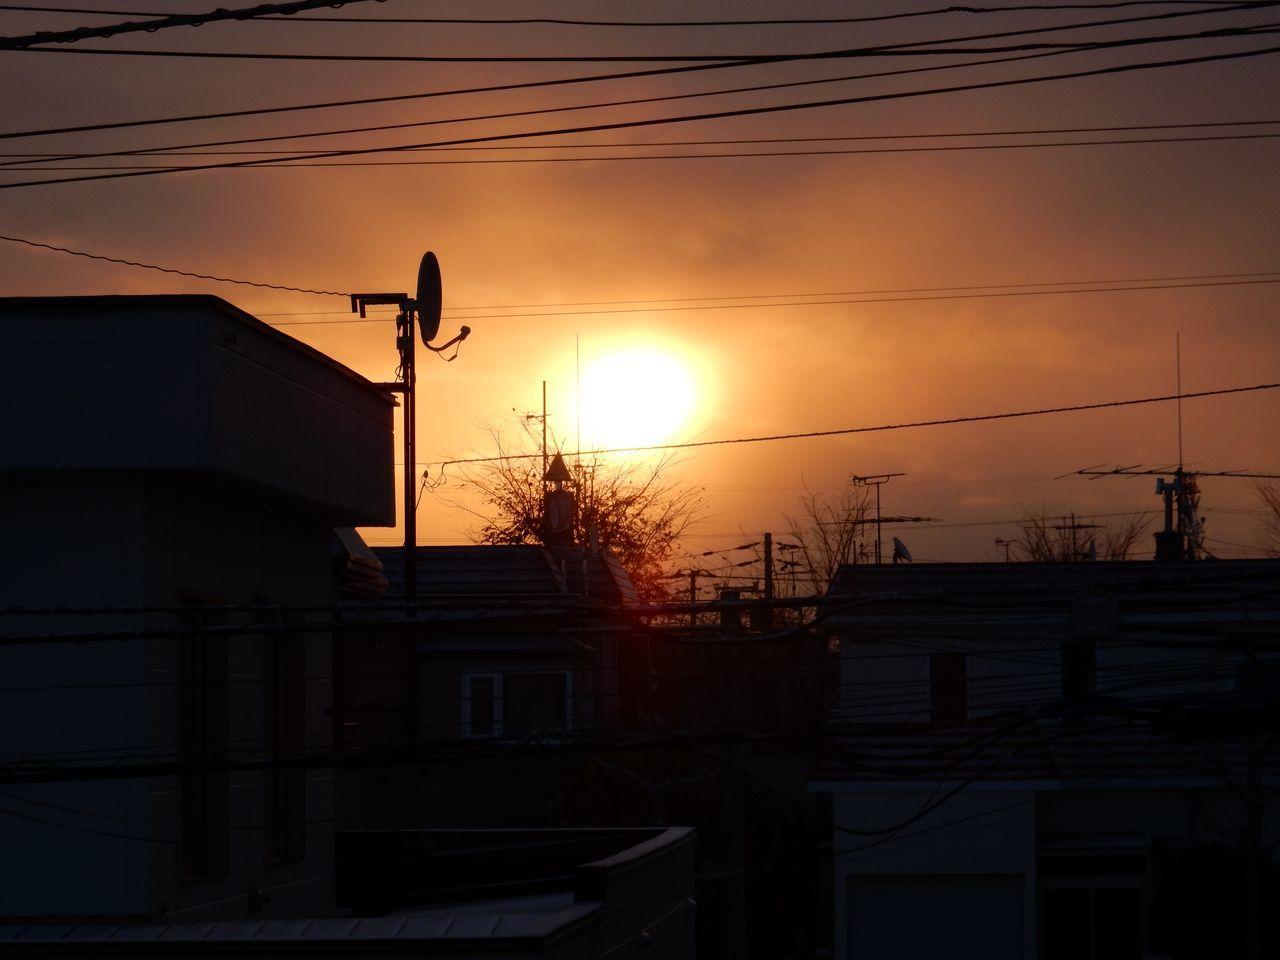 久しぶりに見た朝の太陽_c0025115_20180549.jpg